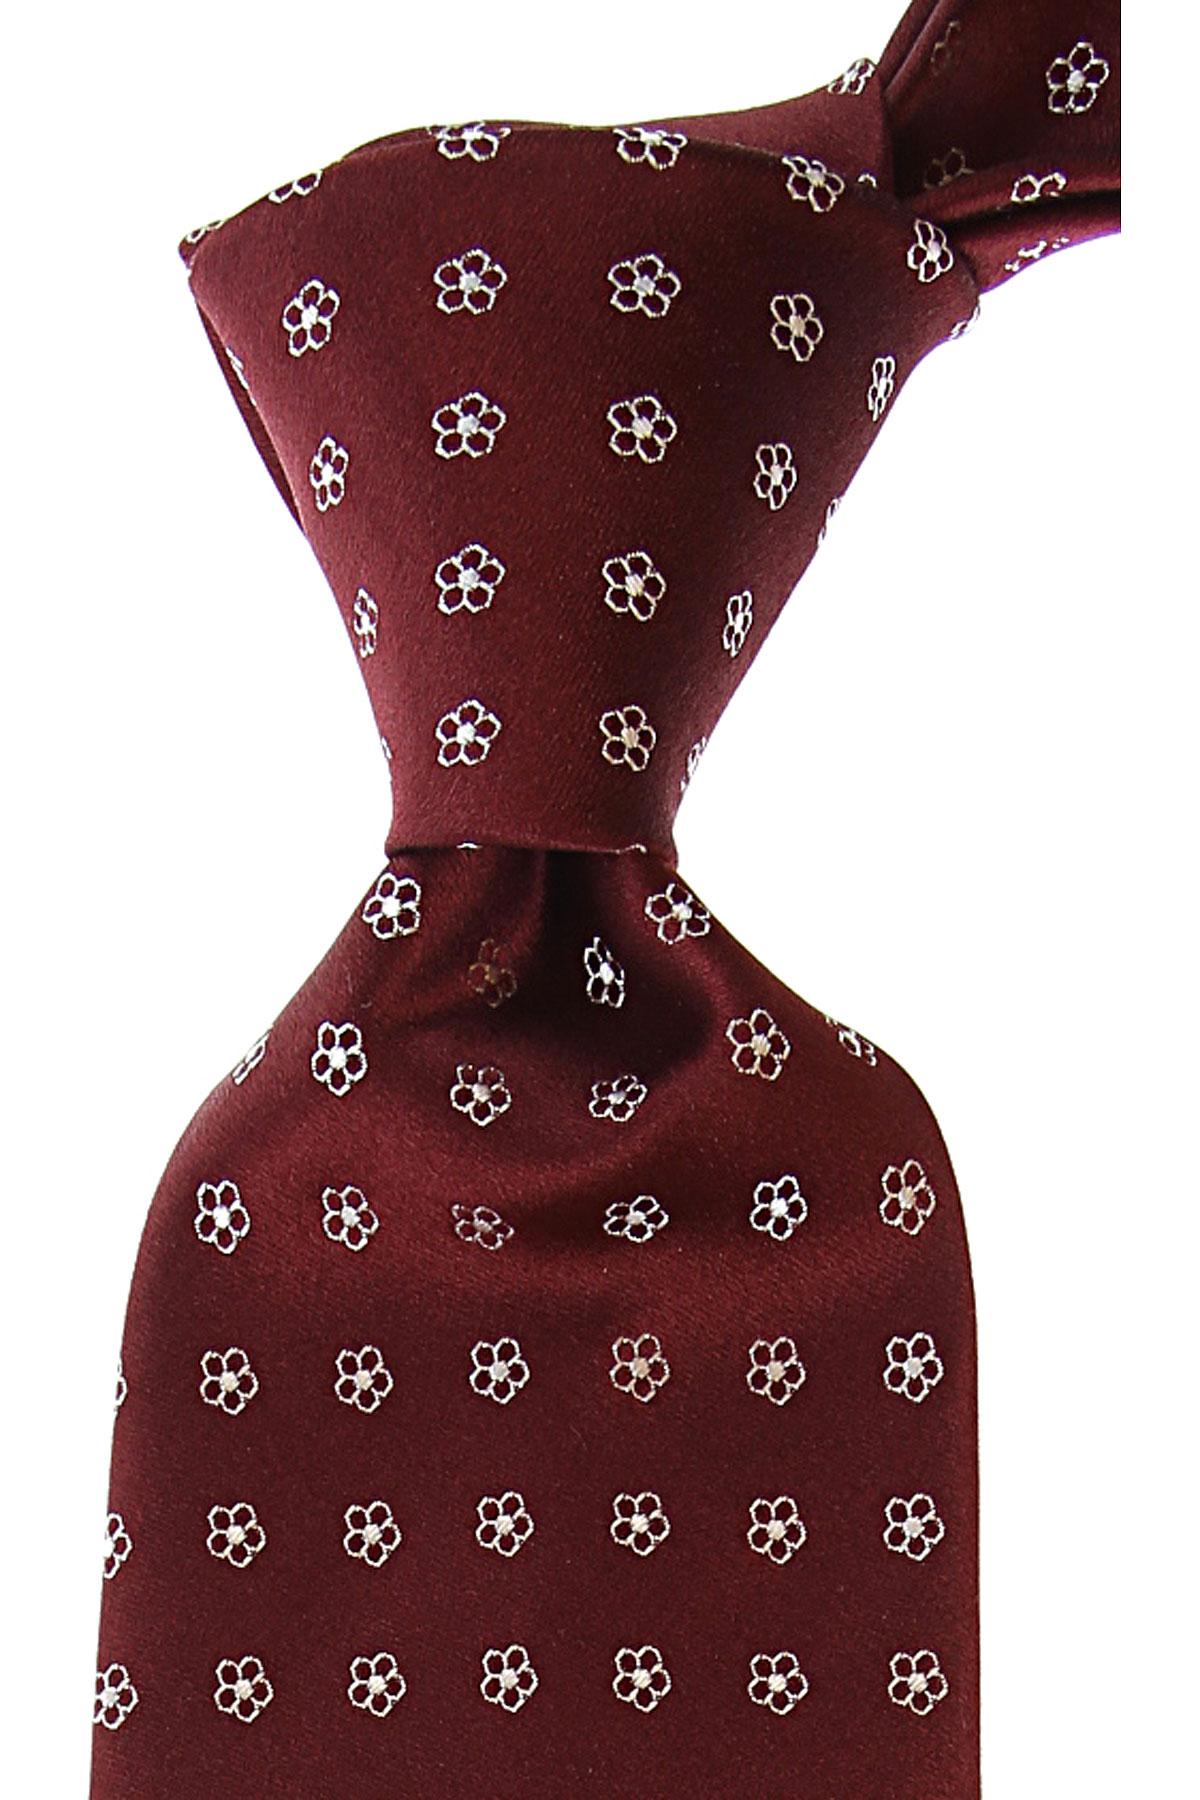 Borrelli Cravates Pas cher en Soldes, Vin rouge, Soie, 2019